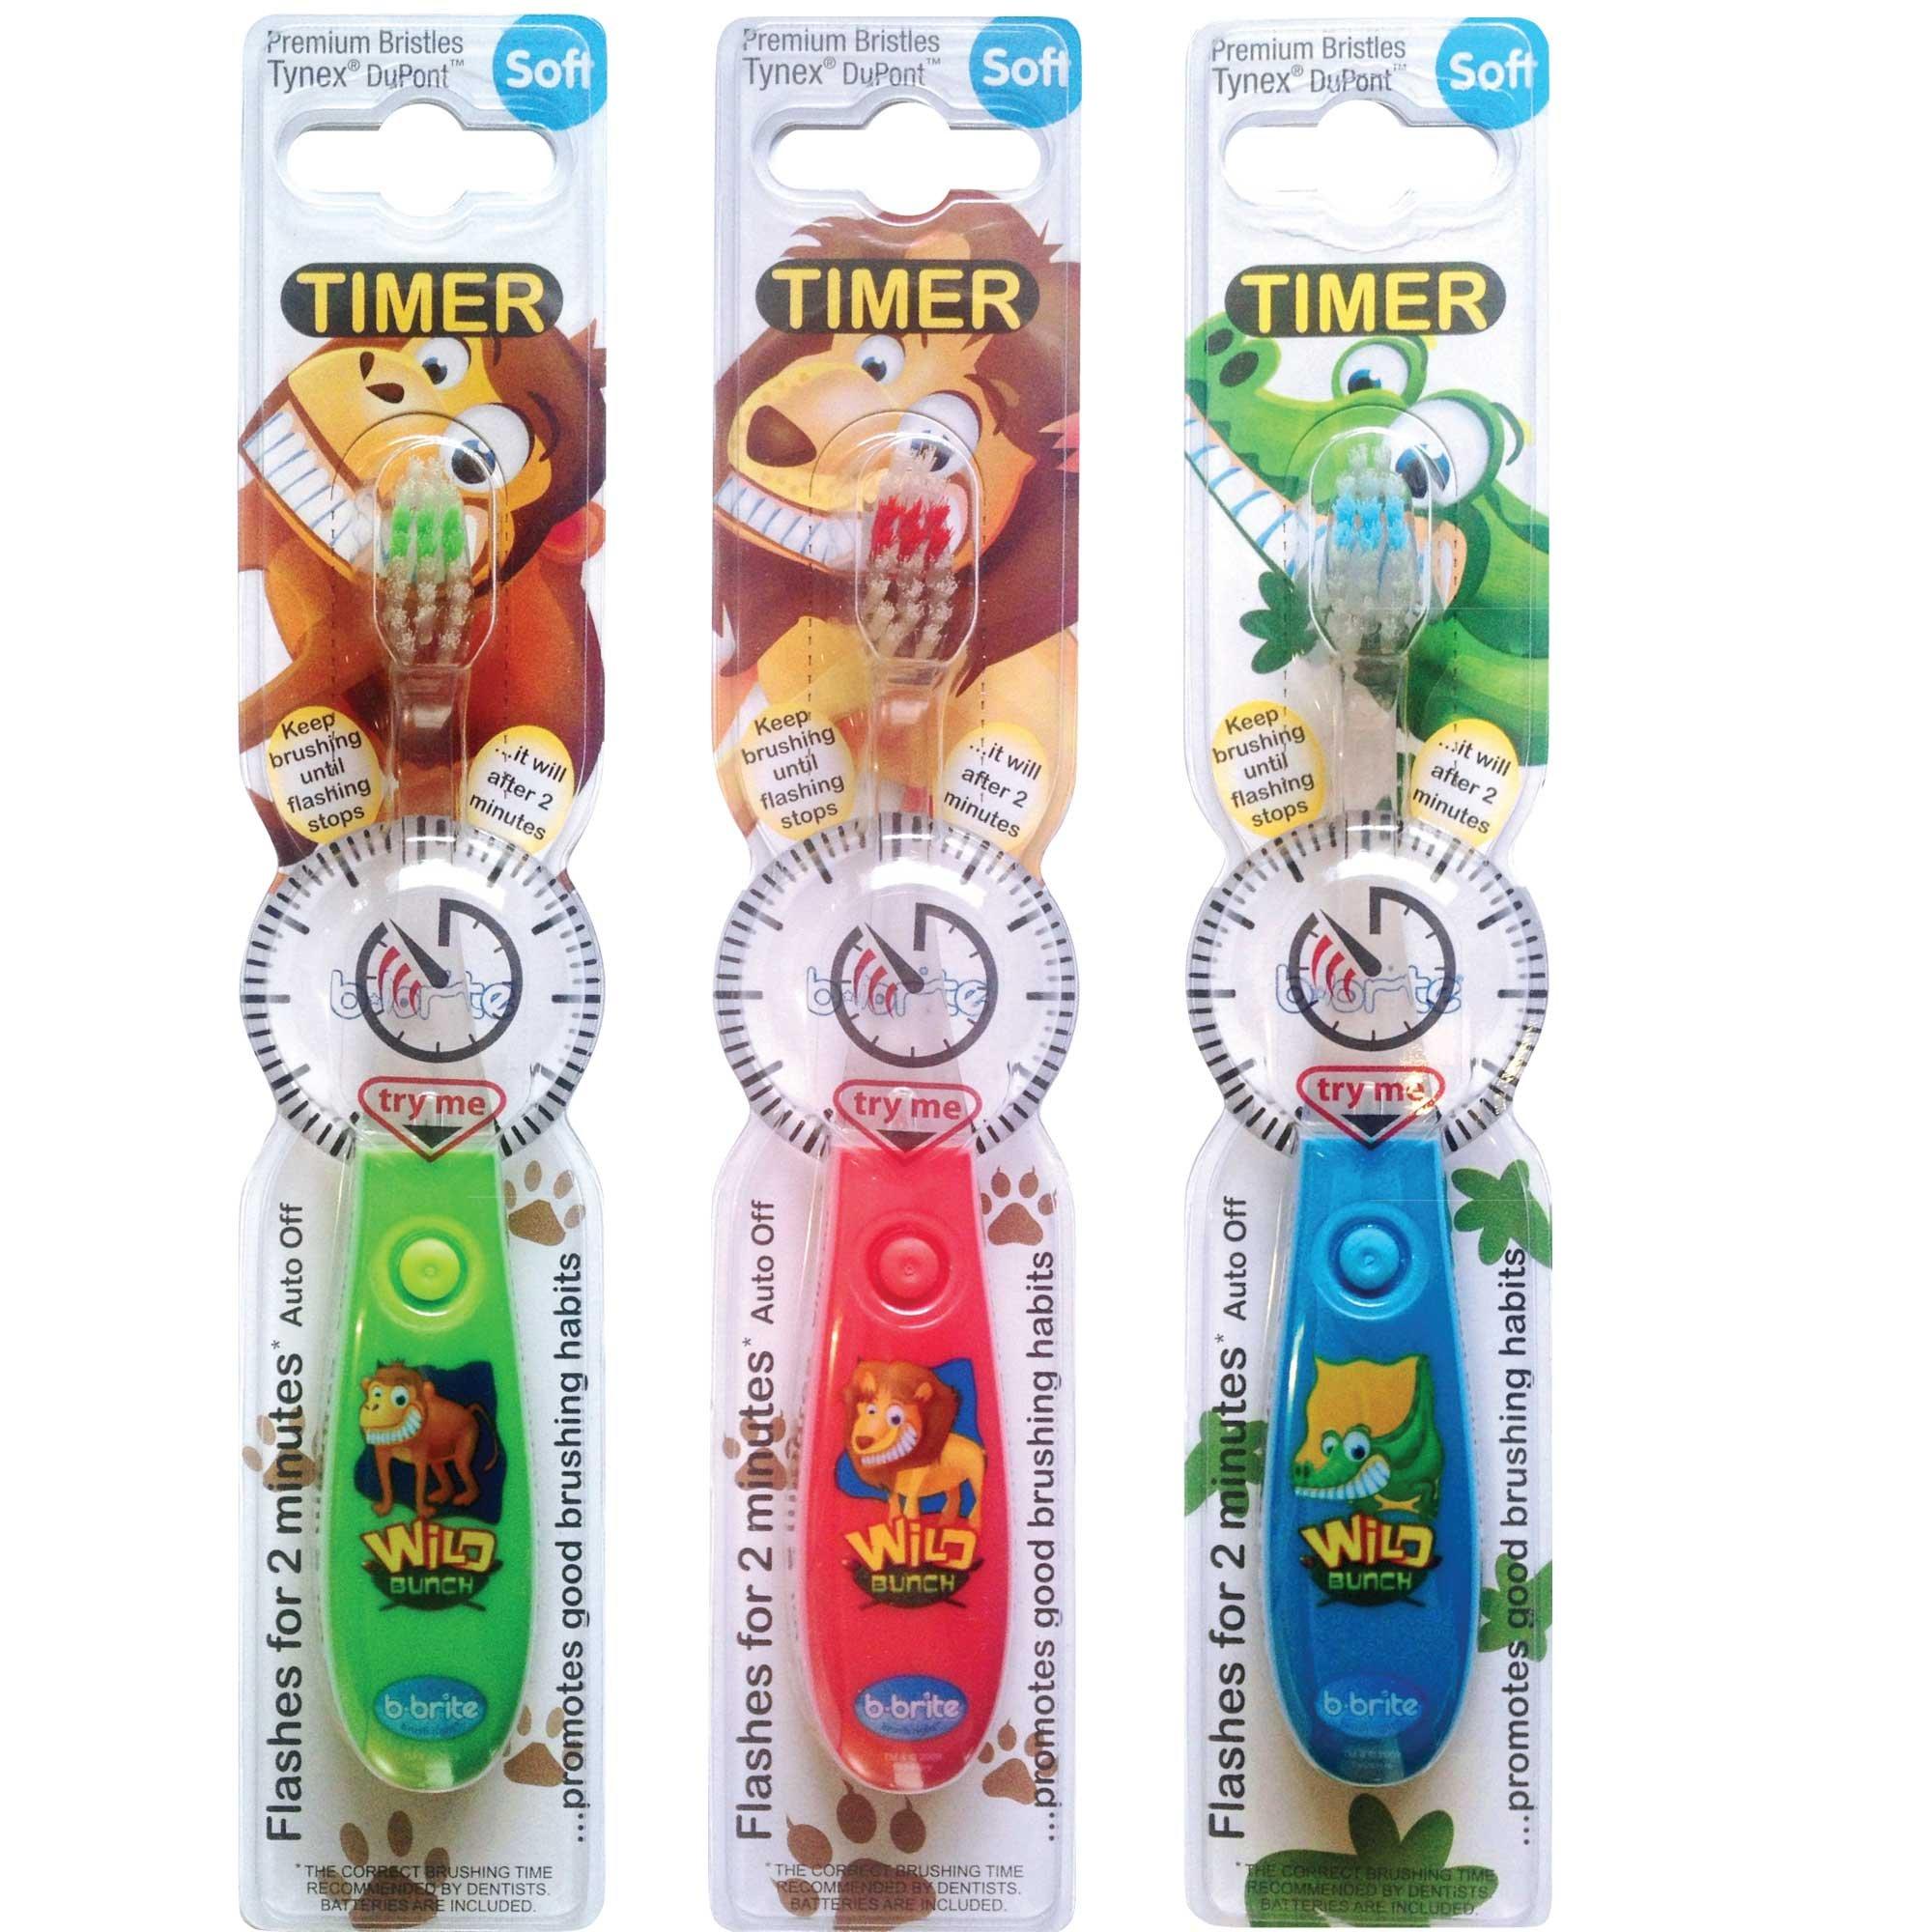 儿童牙刷带闪烁计时器–3件装男童–野生 bunch